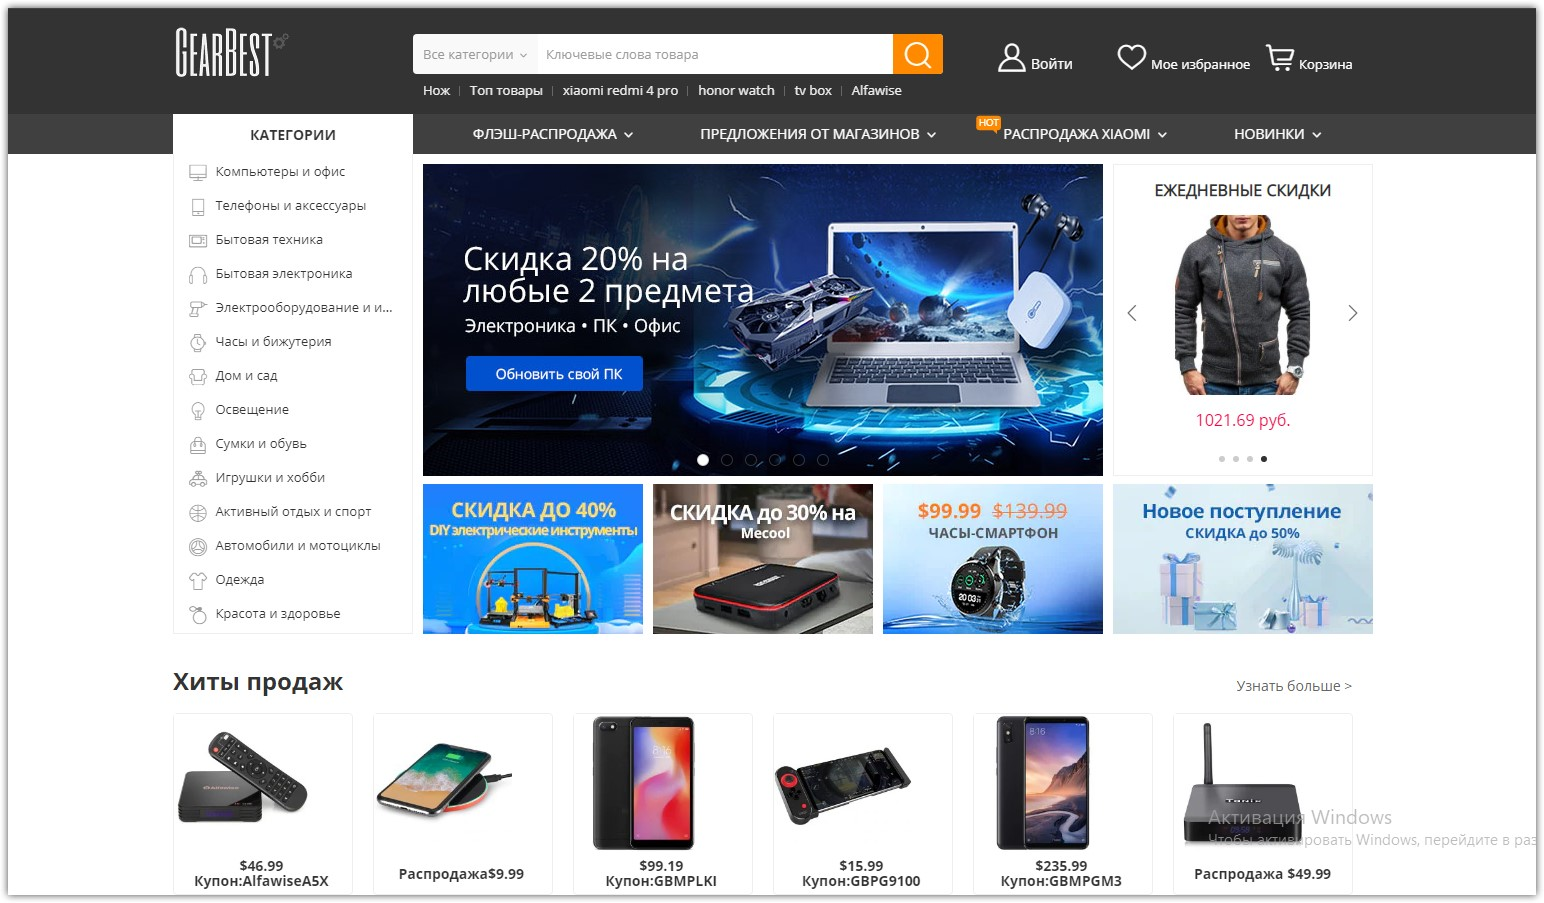 Китайский интернет-магазин гаджетов и электроники Gearbest.com сайт похожий на алиэкспресс